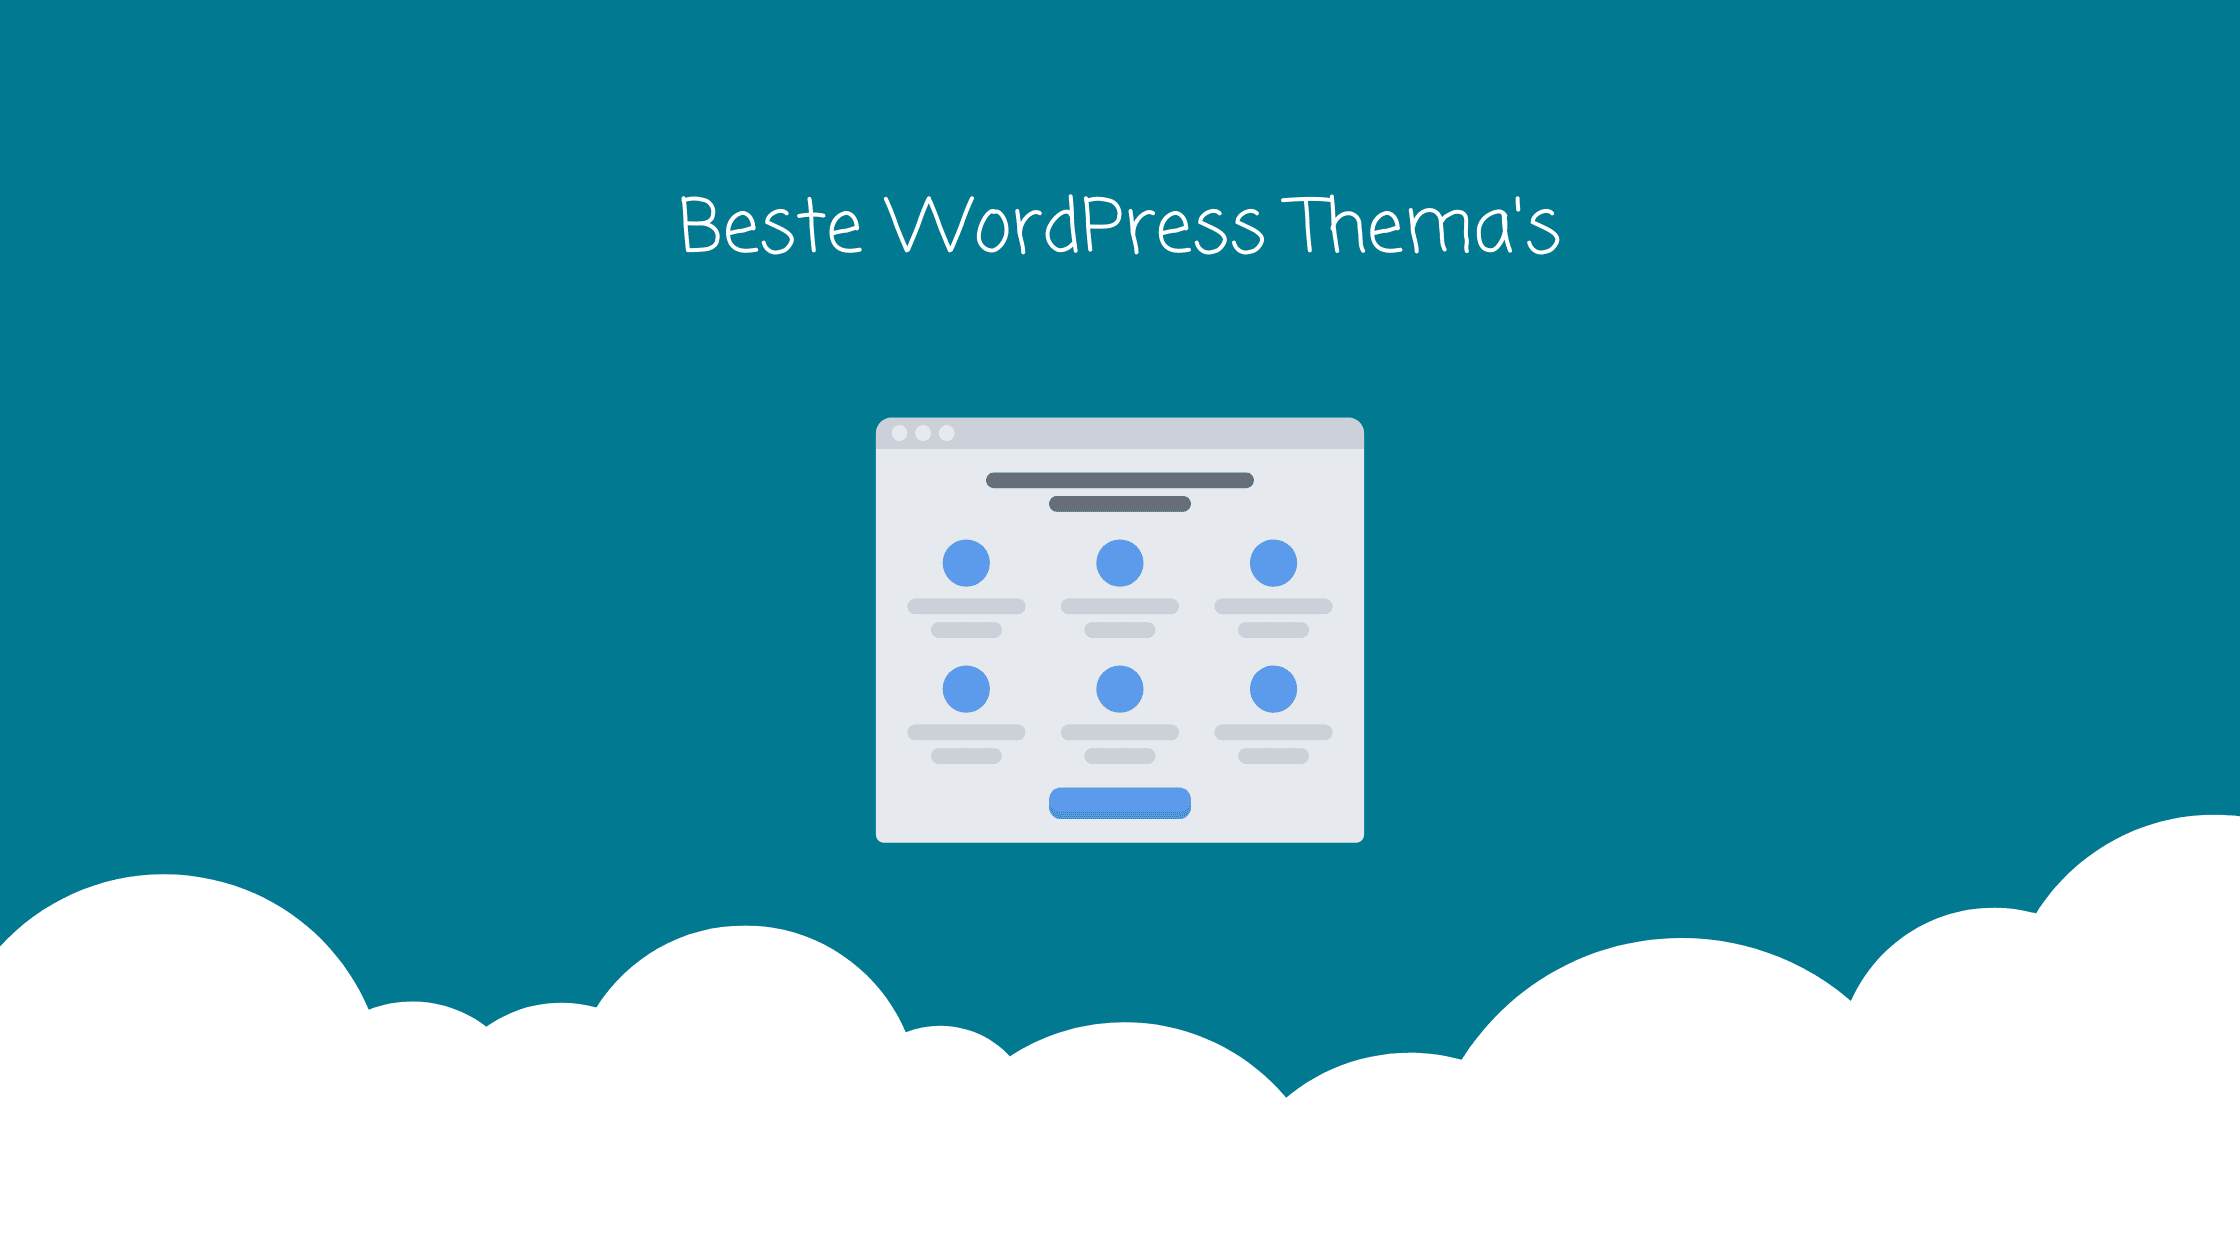 Beste-wordpress-thema's